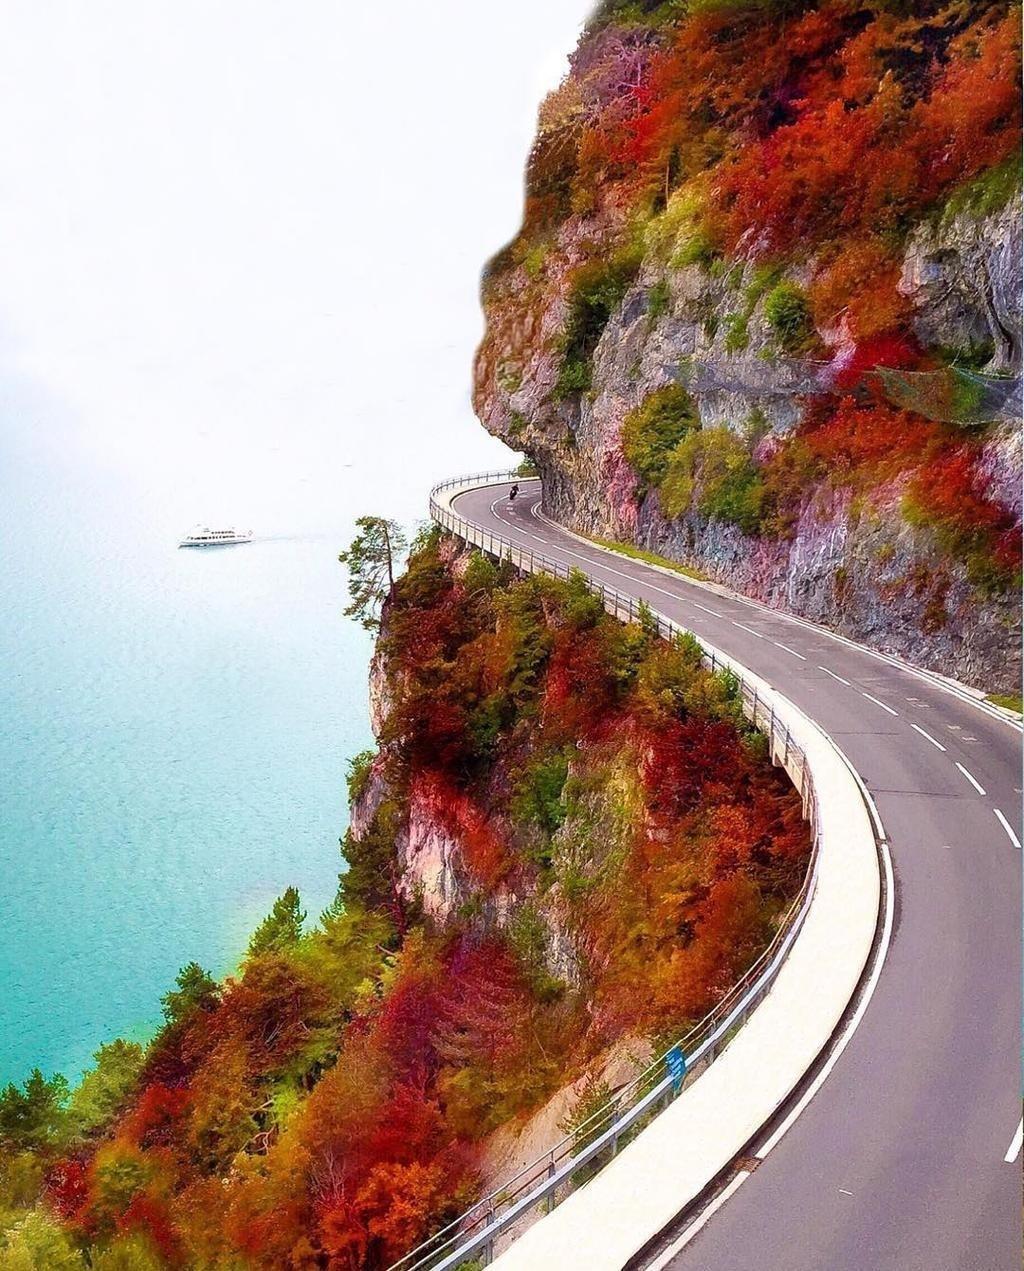 Lake Thun, Switzerland Photo by Doounia